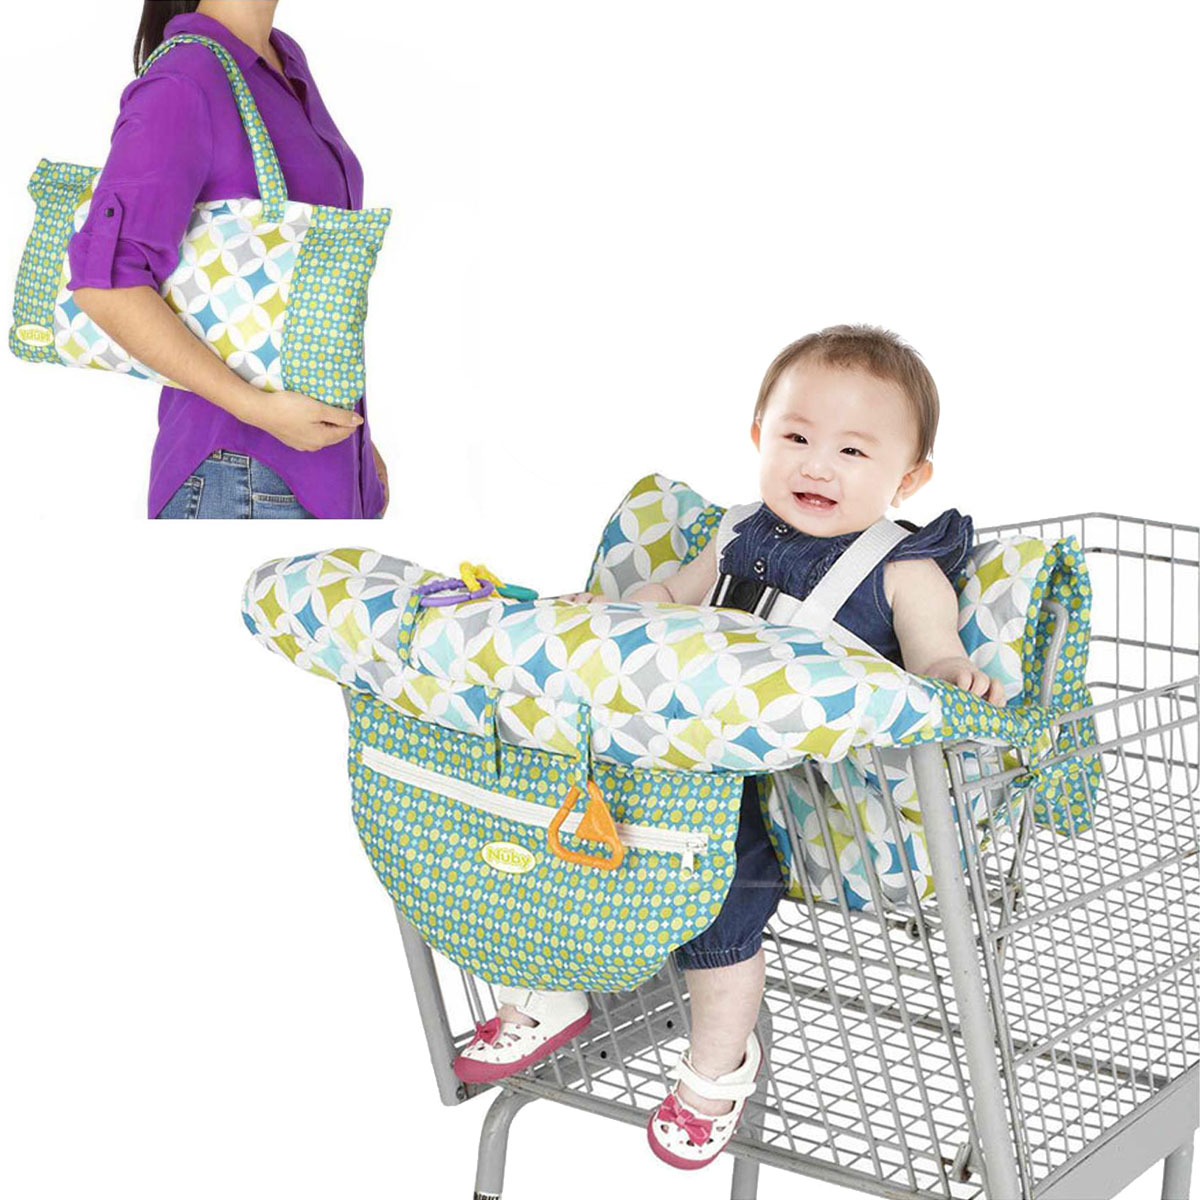 Fodable Baby Kids Корзина Подушка Детские тележки Pad Детские Покупки Push Cart Защитная крышка Детский стул сиденья коврик с безопасностью Ремень